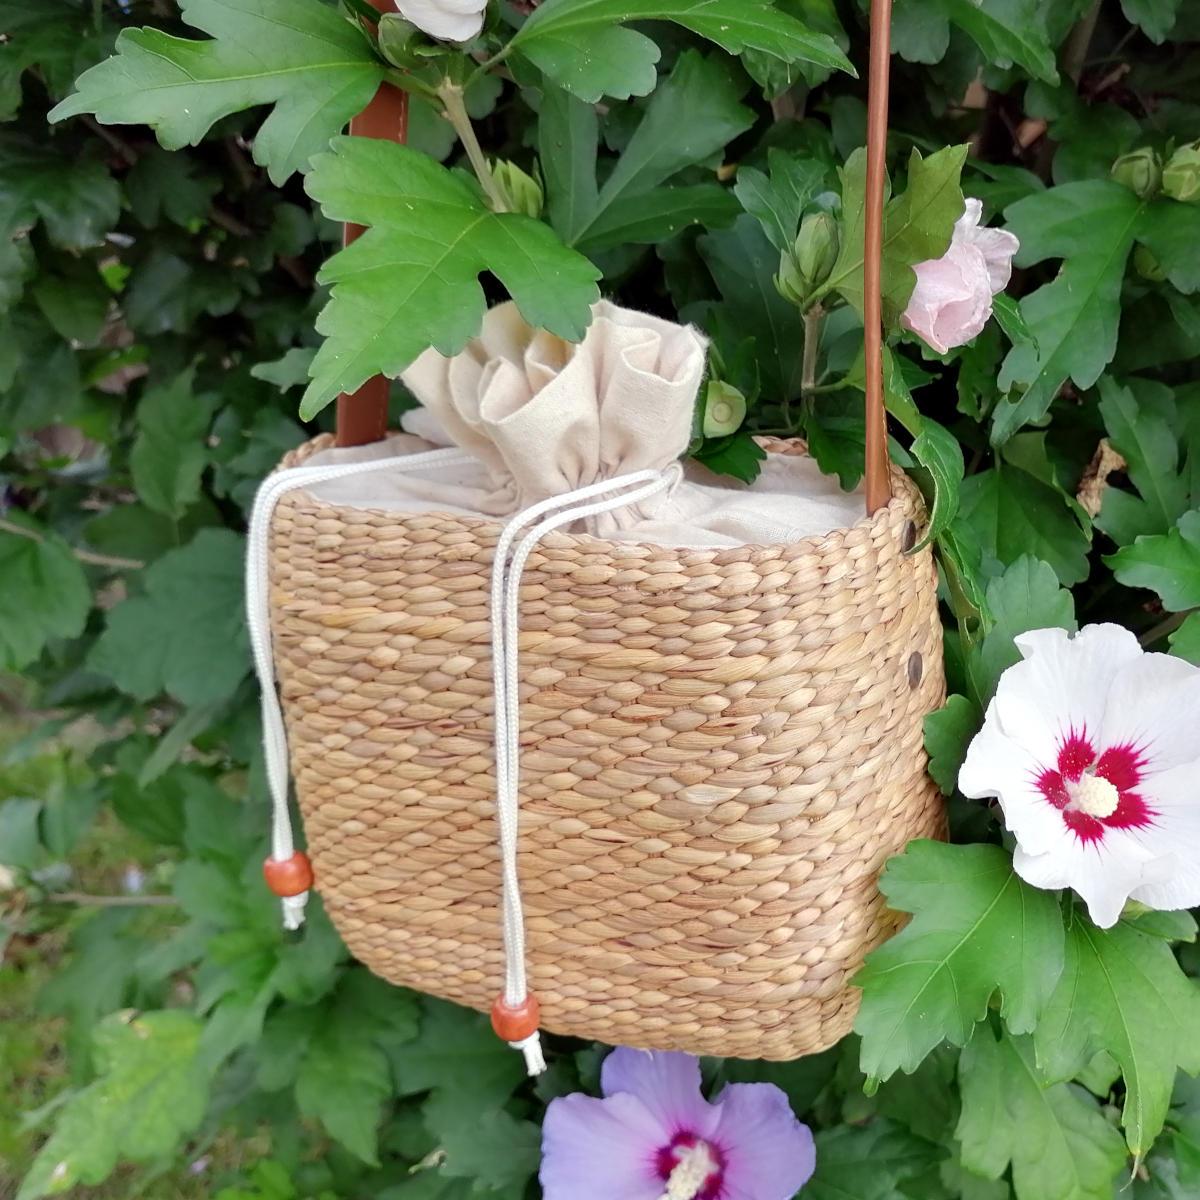 Pochette - kleine Handtasche mit Trageriemen auf Hibiskusstrauch